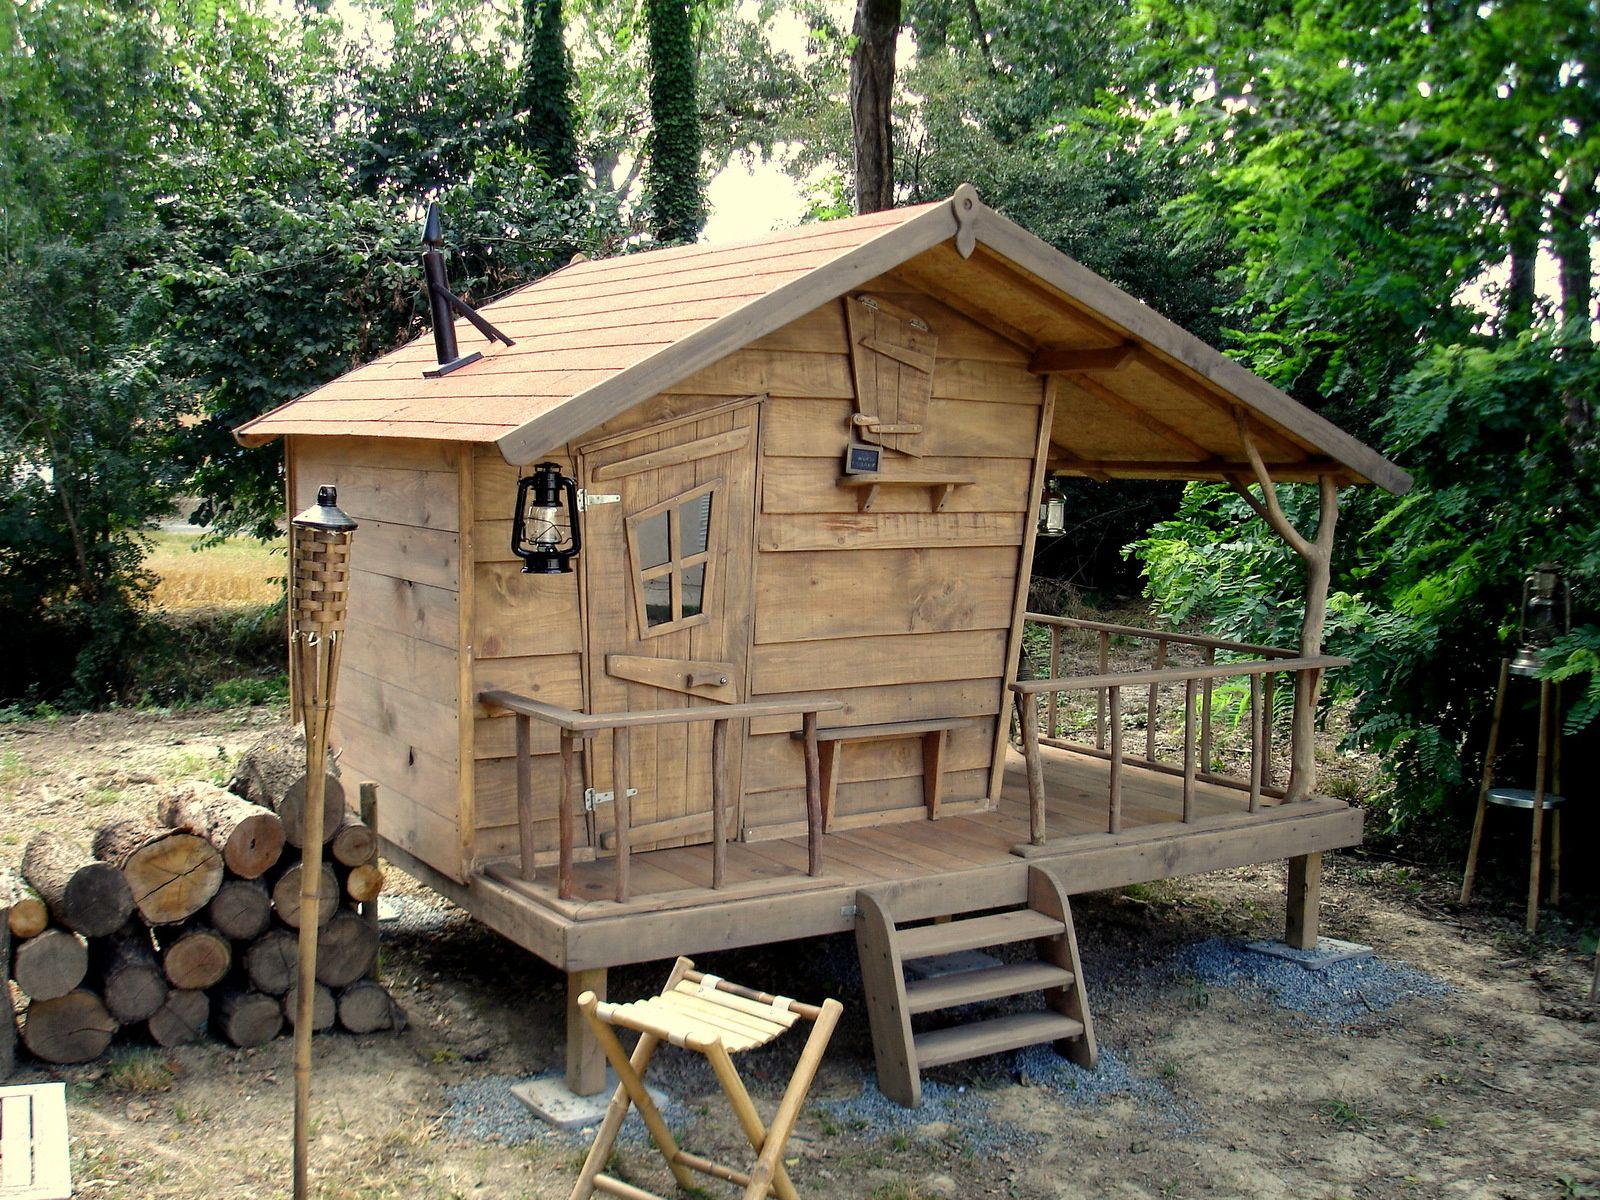 Cabane en bois de palette free cabane de jardin originale saint etienne bureau ahurissant - Cabane jardin ikea saint etienne ...